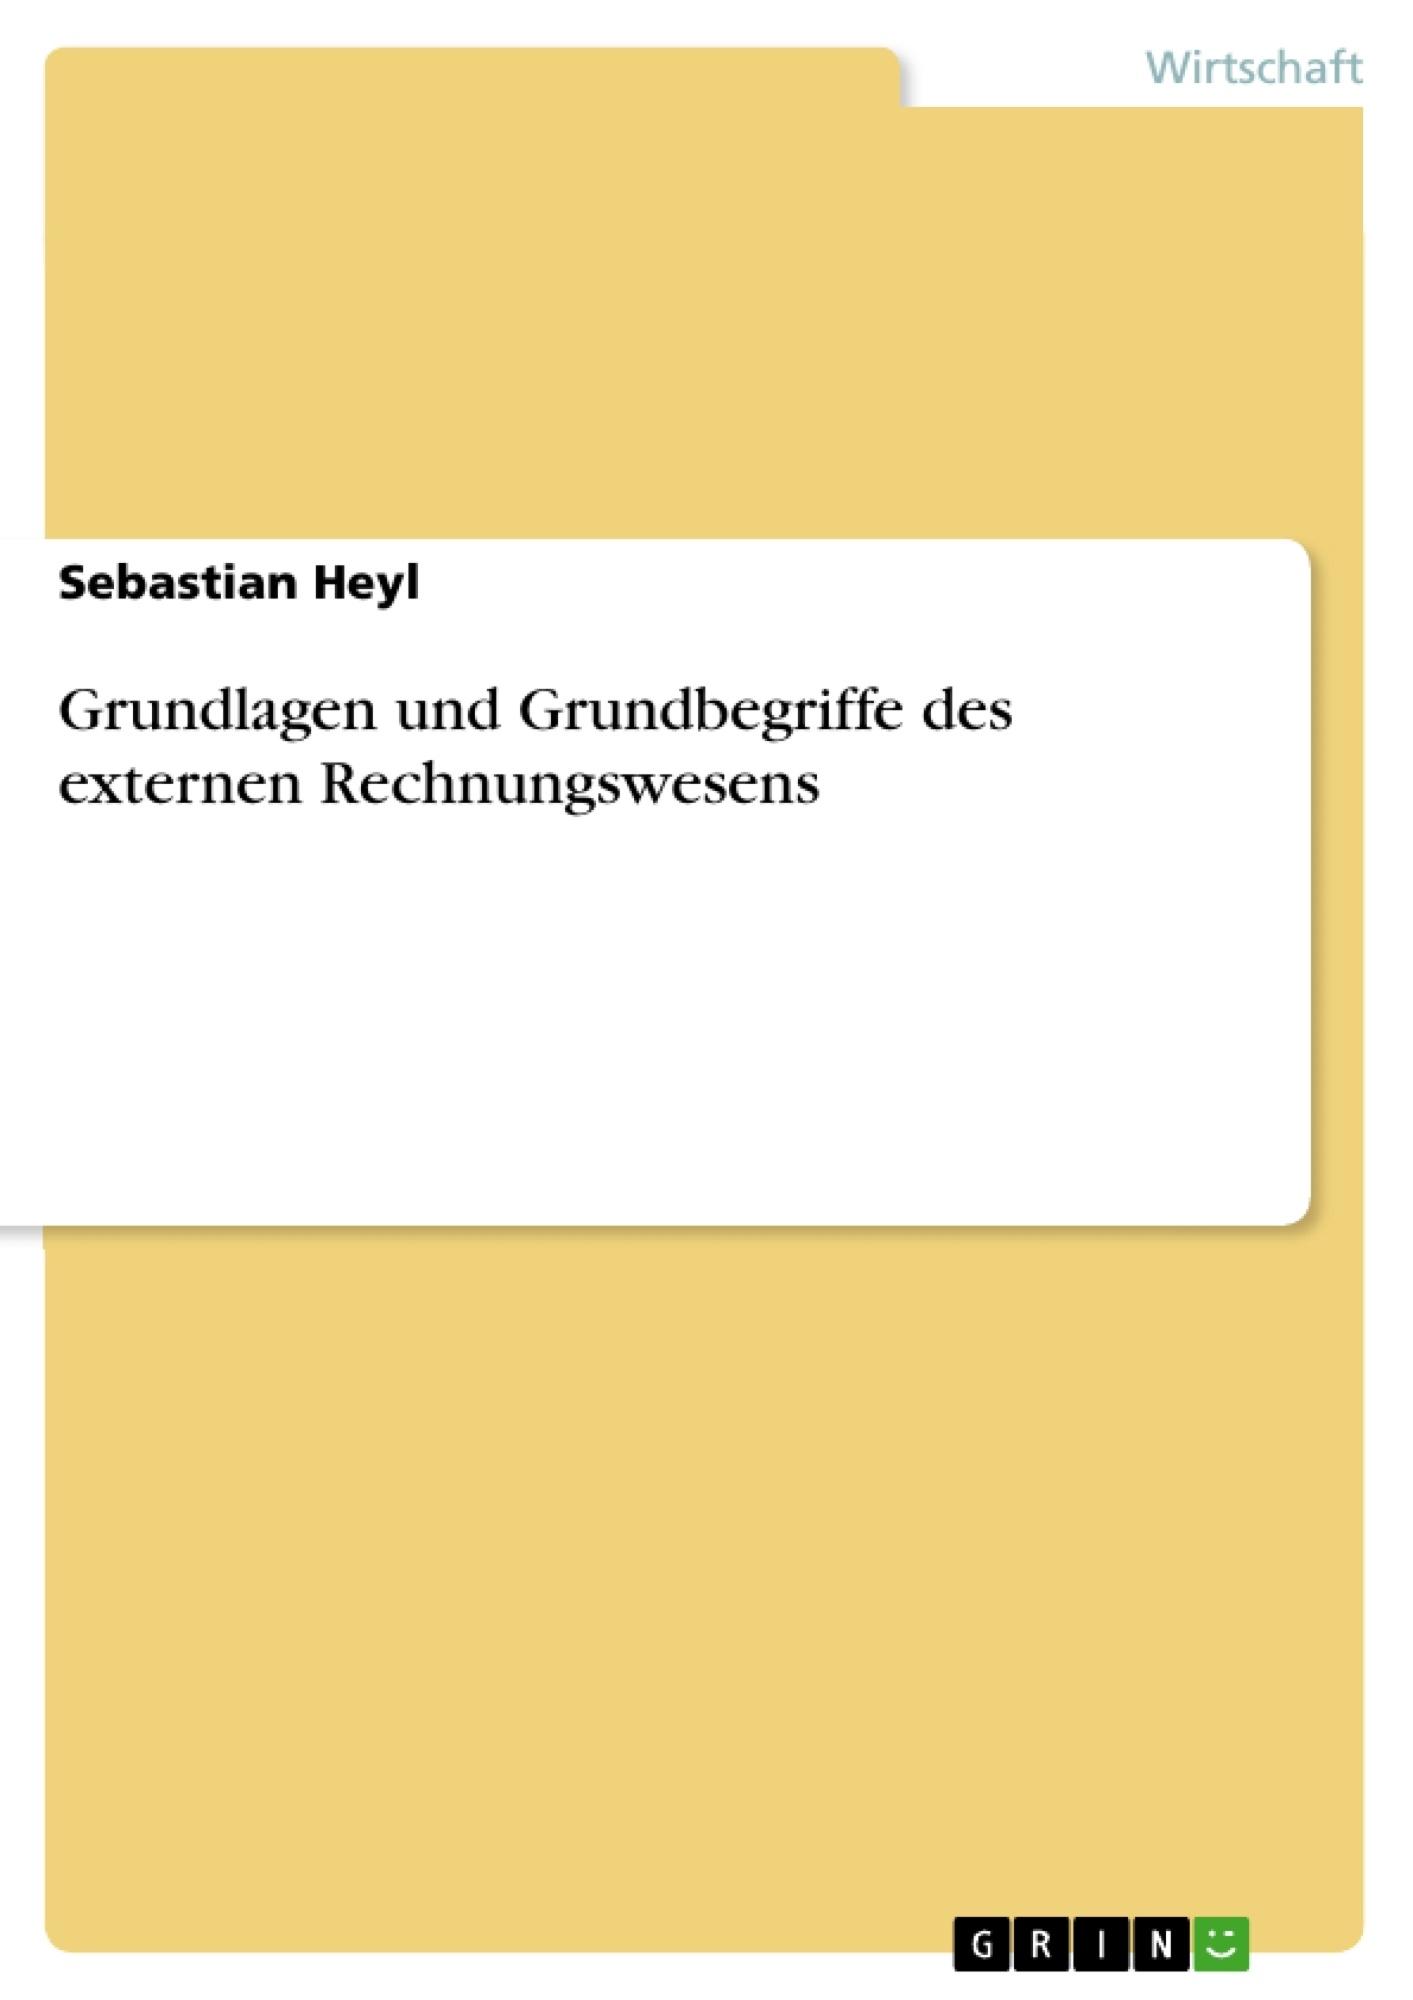 Titel: Grundlagen und Grundbegriffe des externen Rechnungswesens